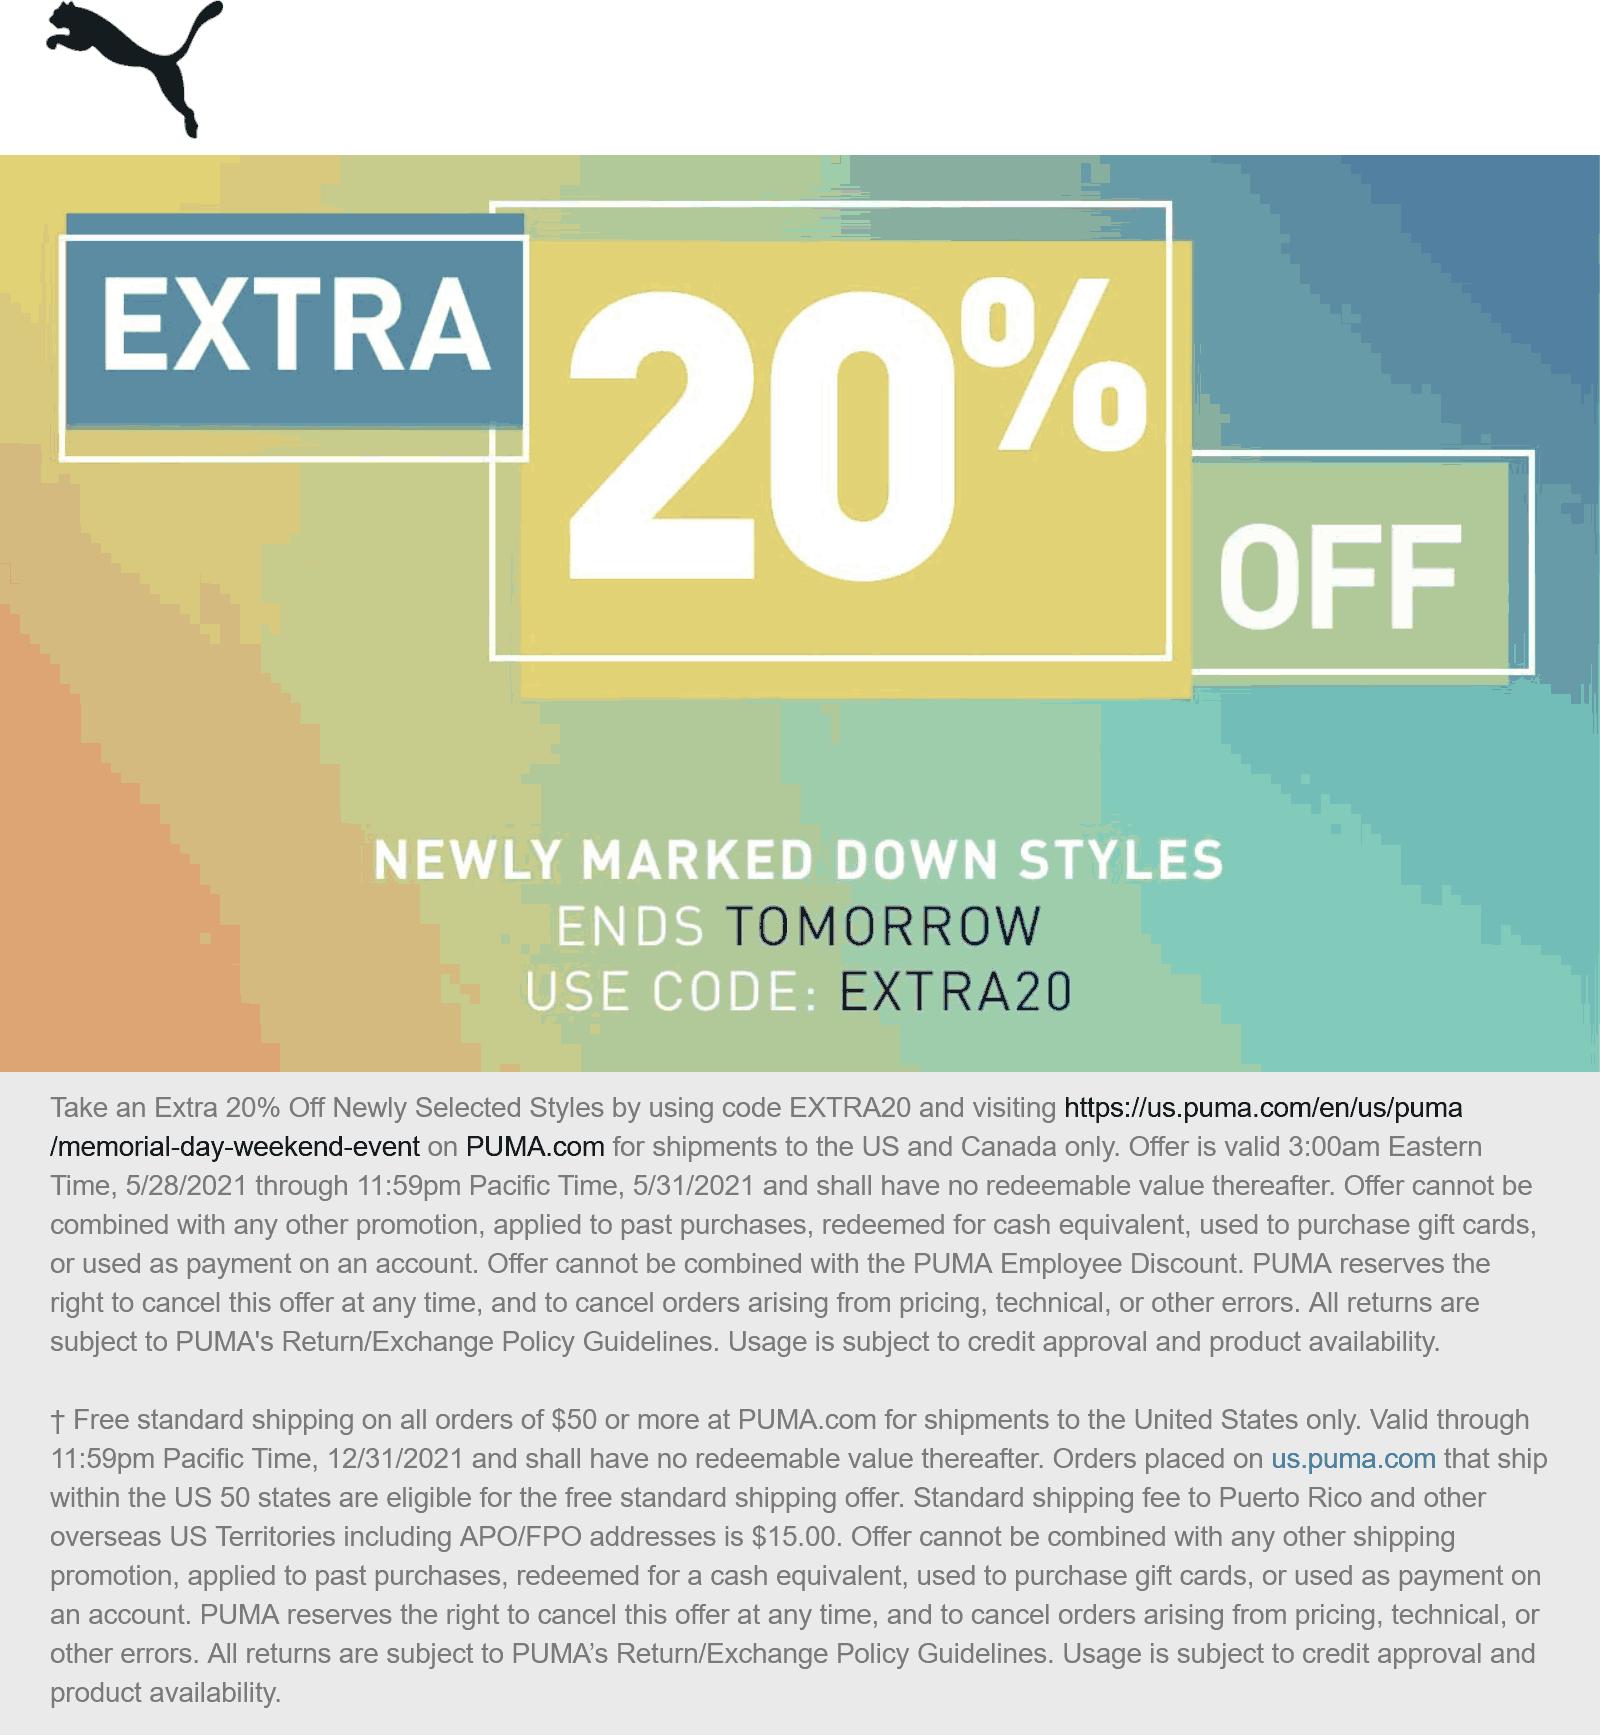 PUMA stores Coupon  Extra 20% off at PUMA via promo code EXTRA20 #puma